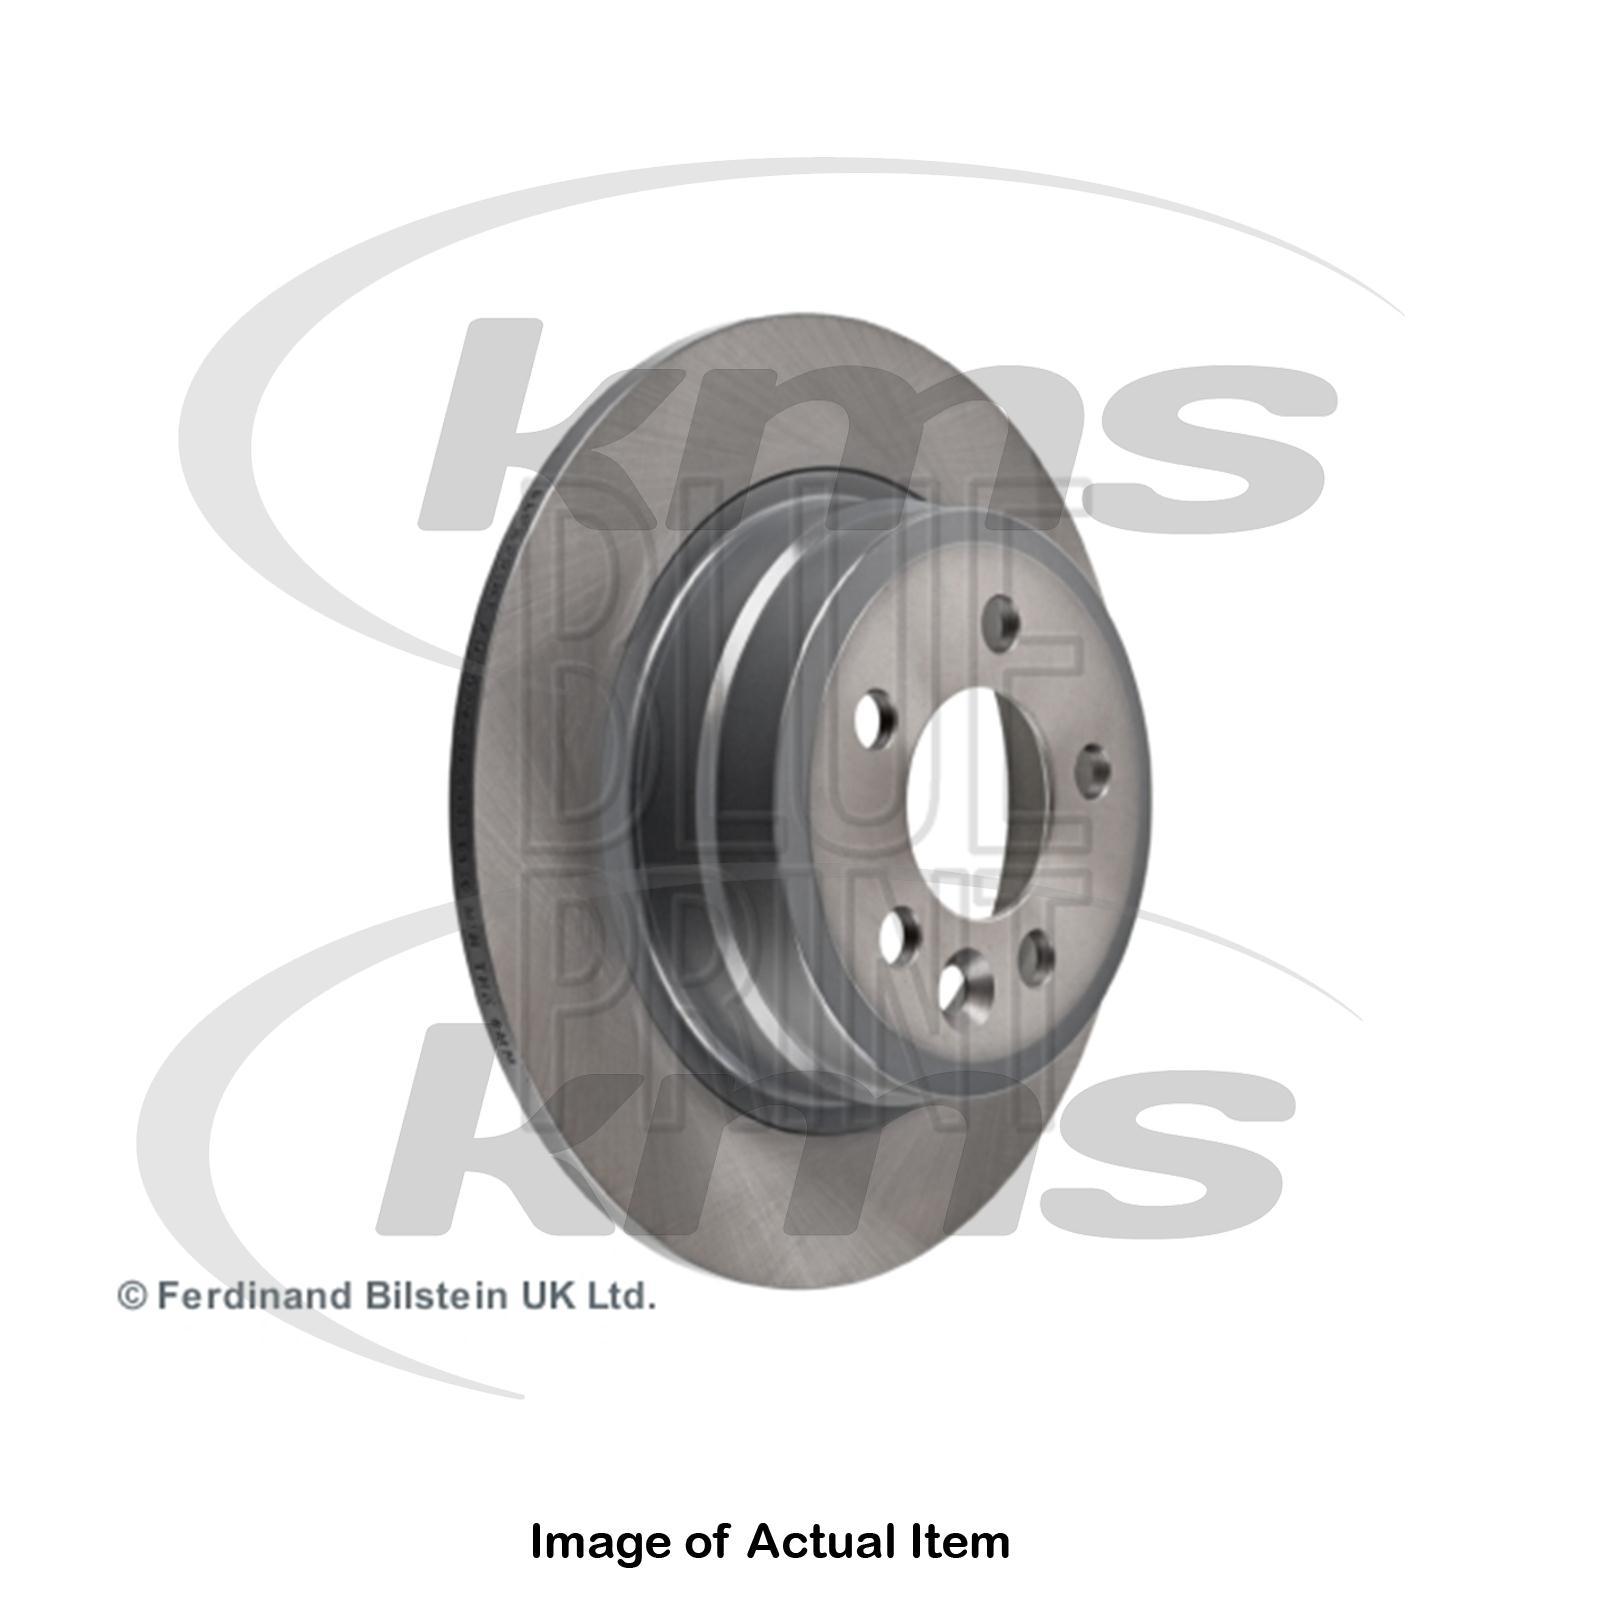 New Peugeot 5008 2.0 HDI Genuine Mintex Front Brake Discs Pair x2